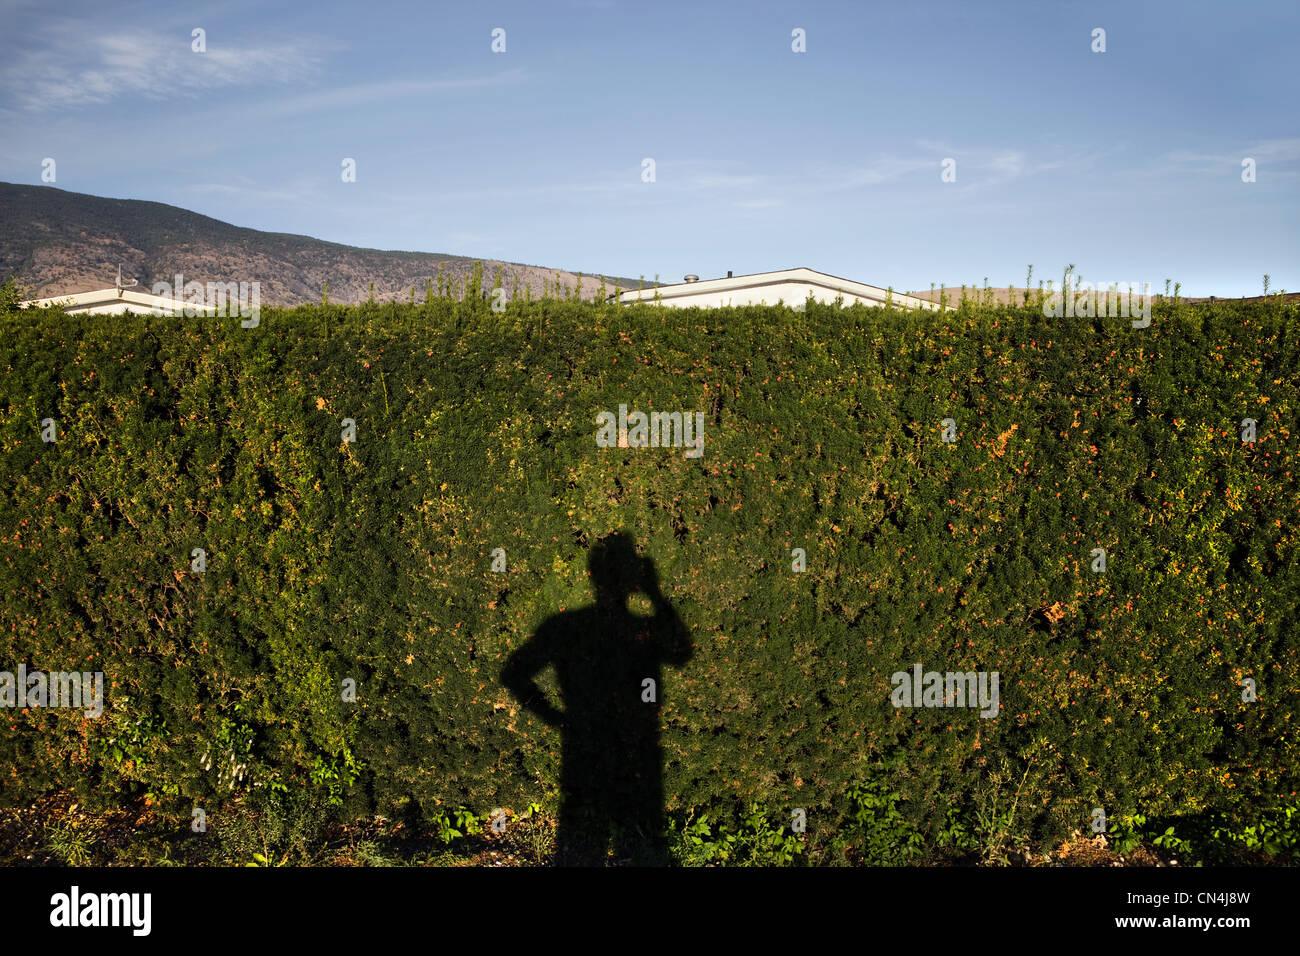 Ombra di uomo con cellulare su hedge Immagini Stock